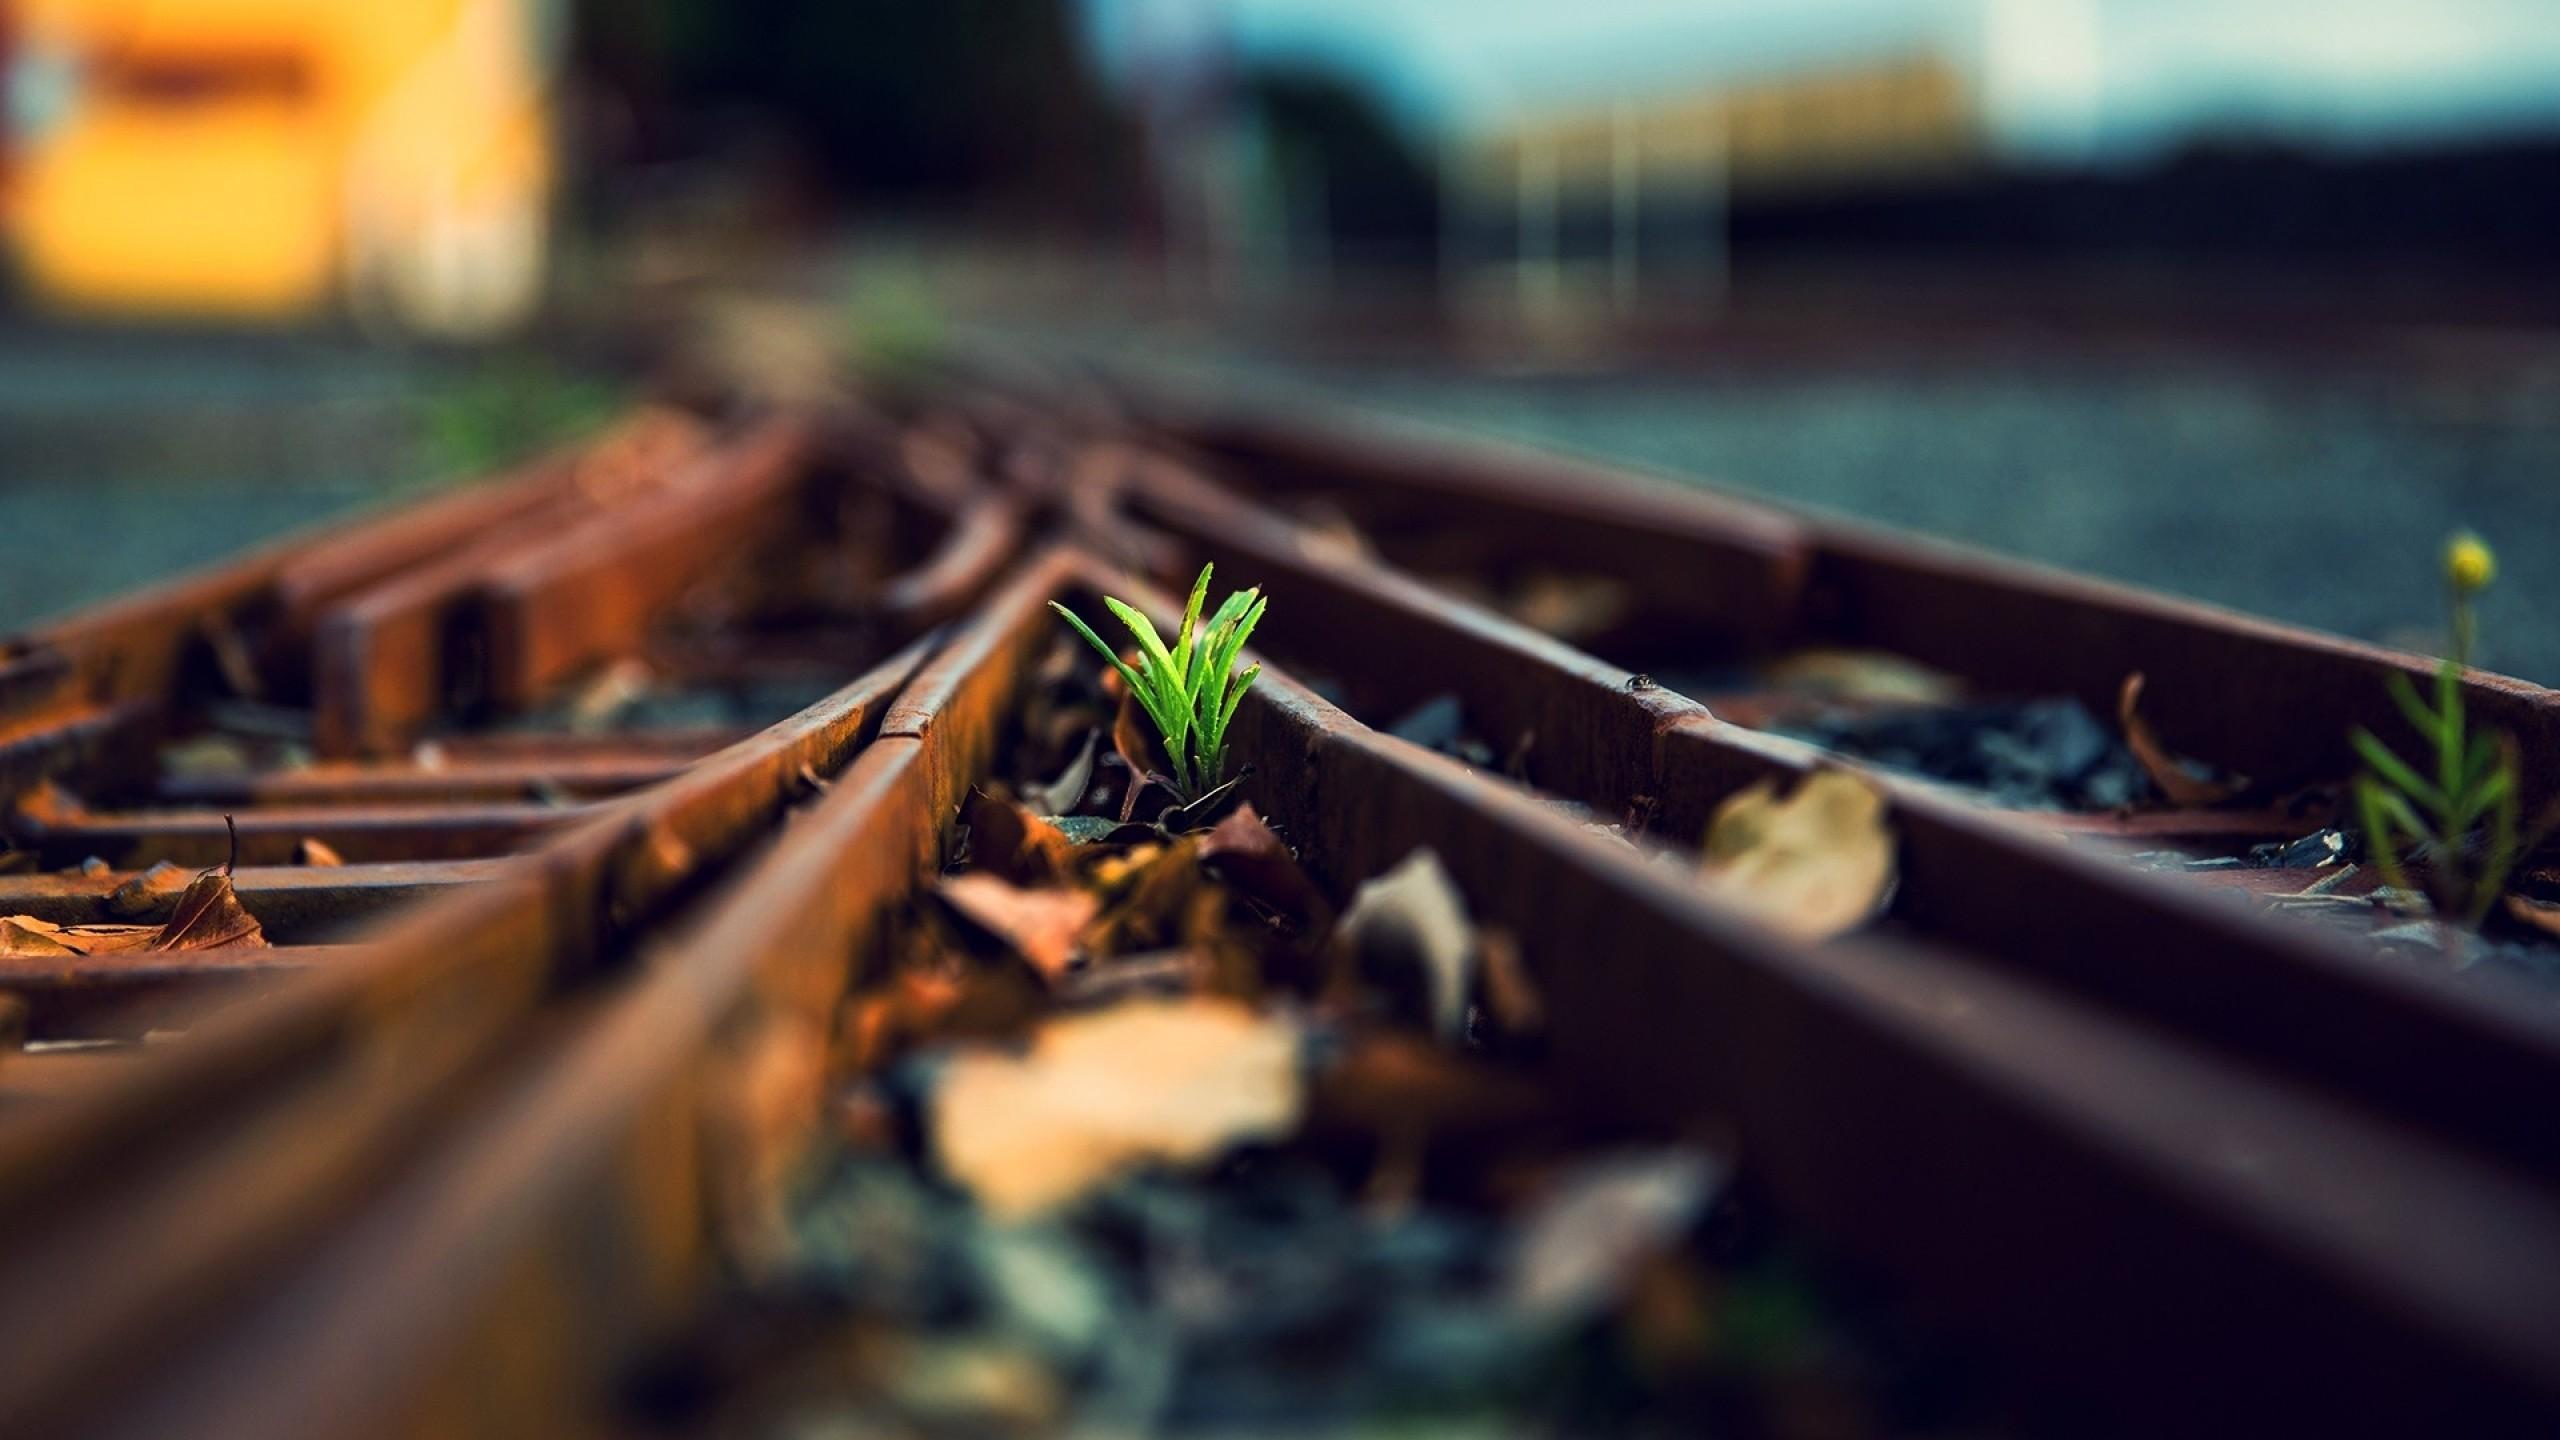 Grass tracks train tracks wallpaper | 2560x1440 | 59147 ...